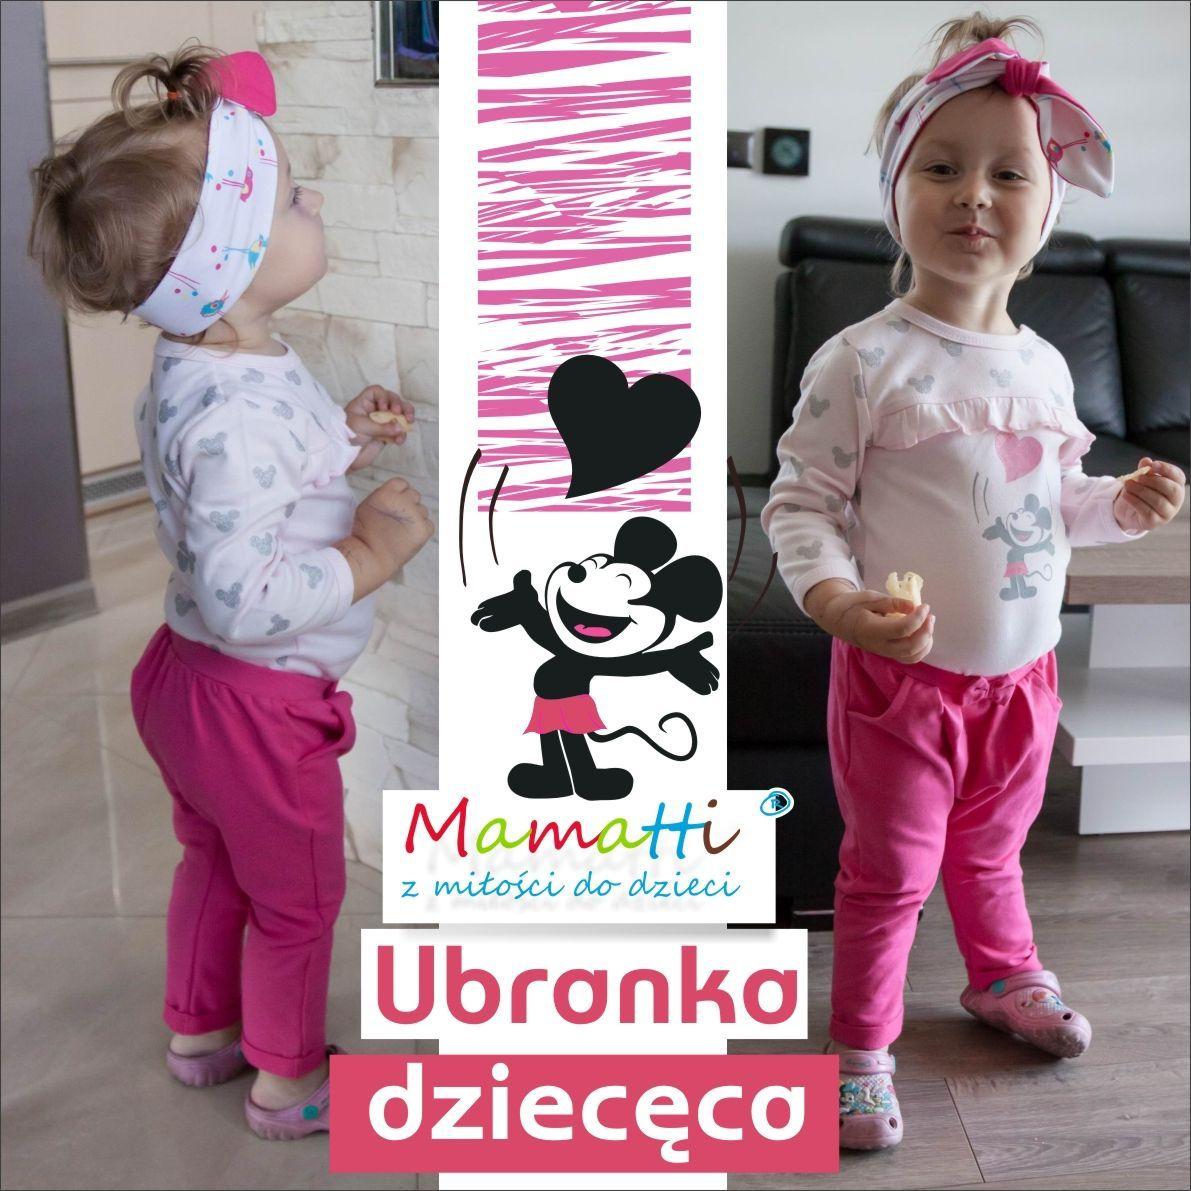 d9d80844bb679 Mamatti polski producent odzieży dziecięcej i niemowlęcej z Wadowic  😀👍👑🛒💕 #odziezdziecieca